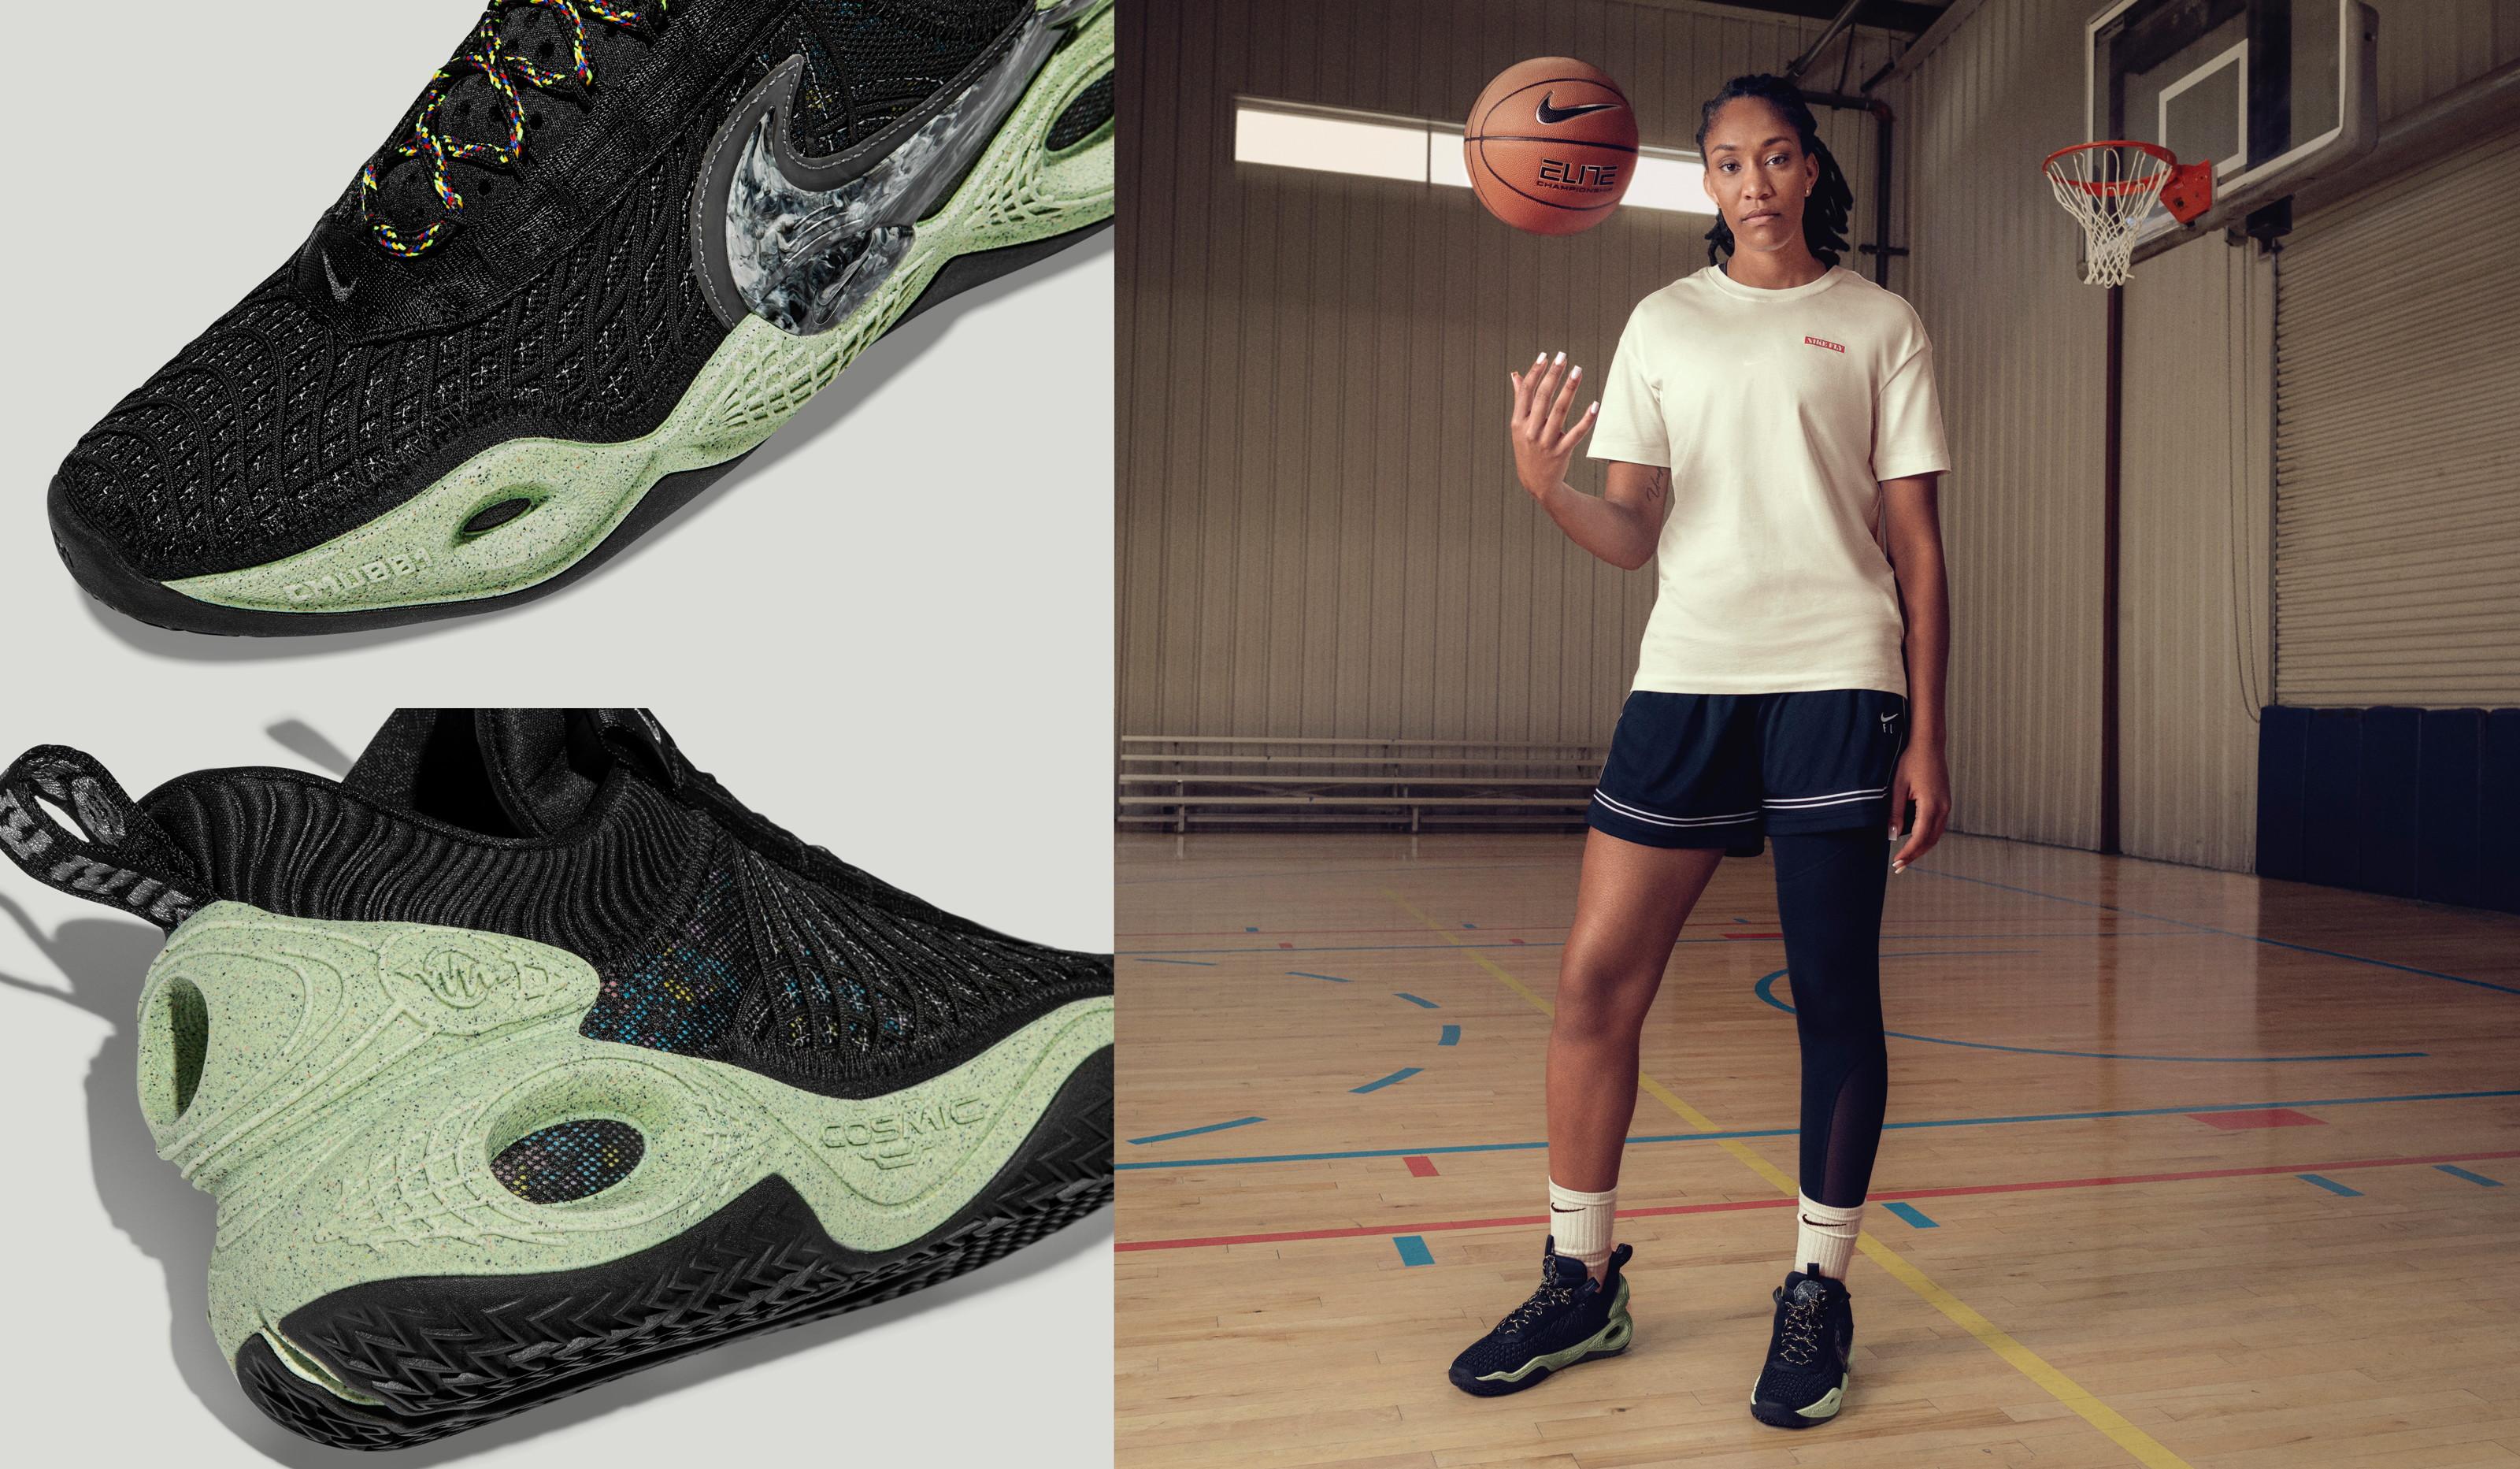 Nike ha presentato&nbsp;Nike Cosmic Unity, la prima scarpa performance realizzata nell&rsquo;ambito di&nbsp;Move to Zero, progetto del brand che ha&nbsp;l&#39;obiettivo di azzerare le&nbsp;emissioni di carbonio e la produzione di rifiuti per proteggere il pianeta e favorire un futuro migliore per lo sport.<br /><br />